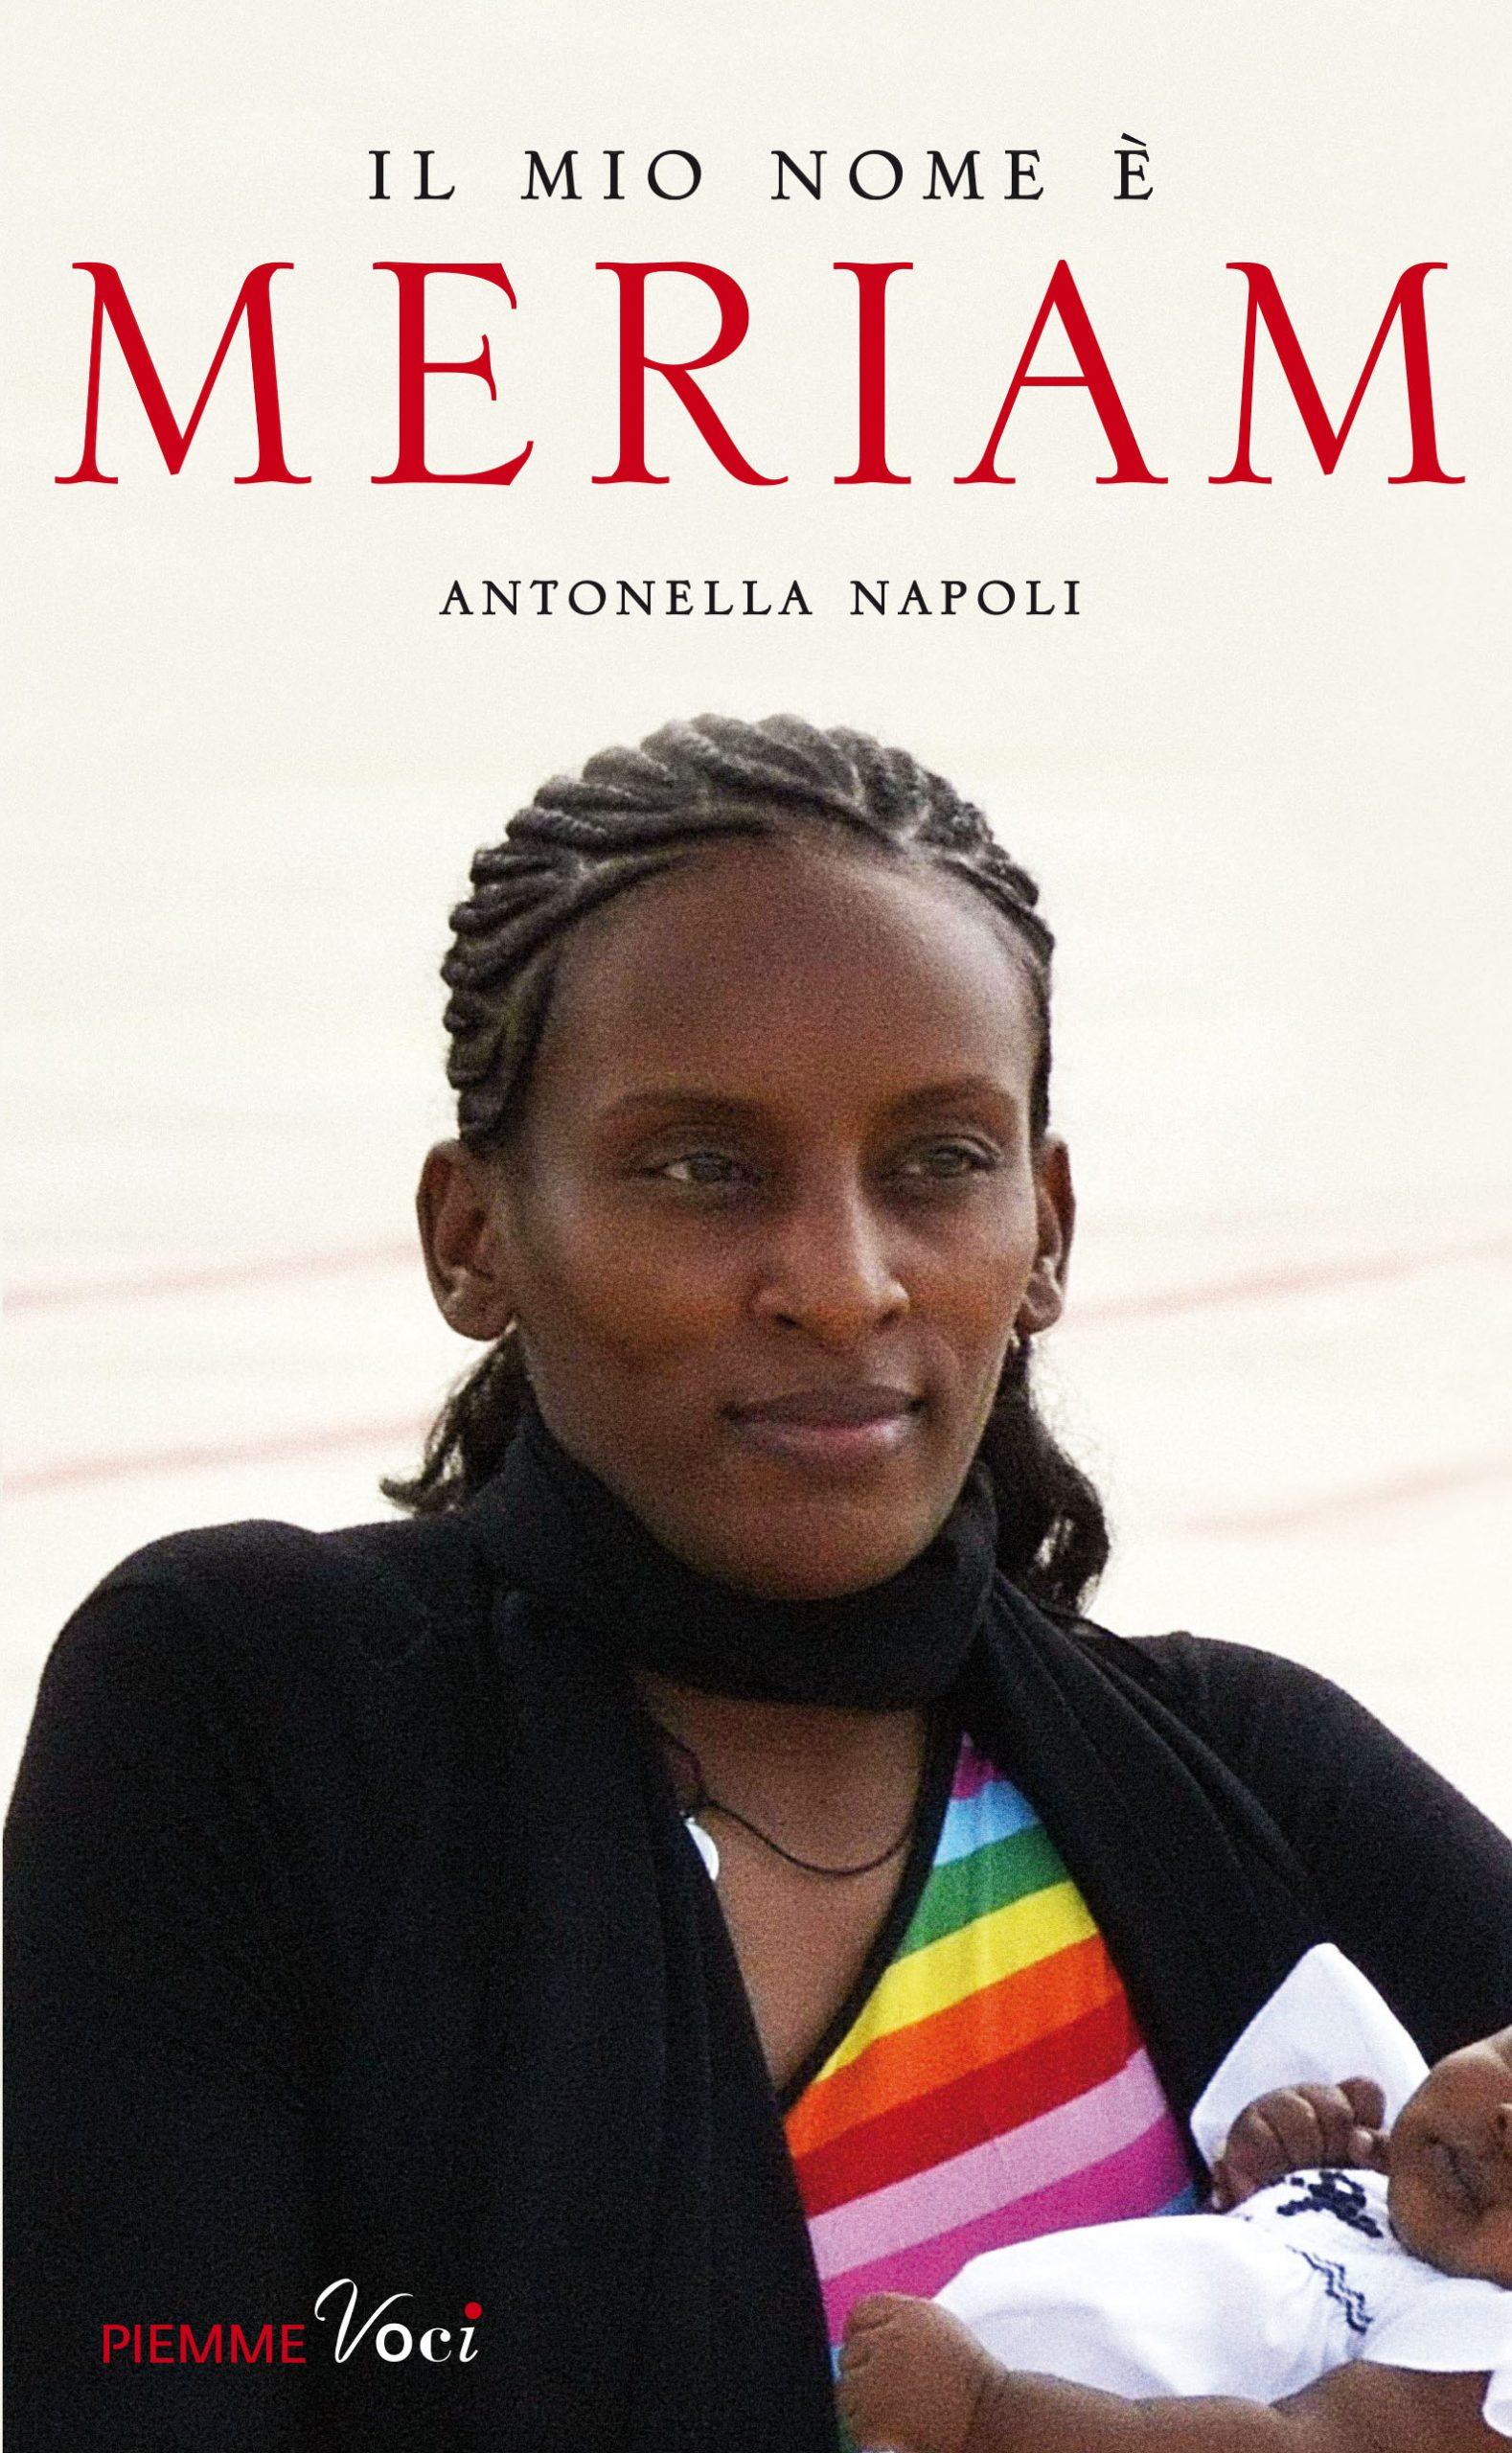 Il Mio Nome è Meriam, Storia Di Una Condanna A Morte In Sudan Divenuta Simbolo Di Speranza